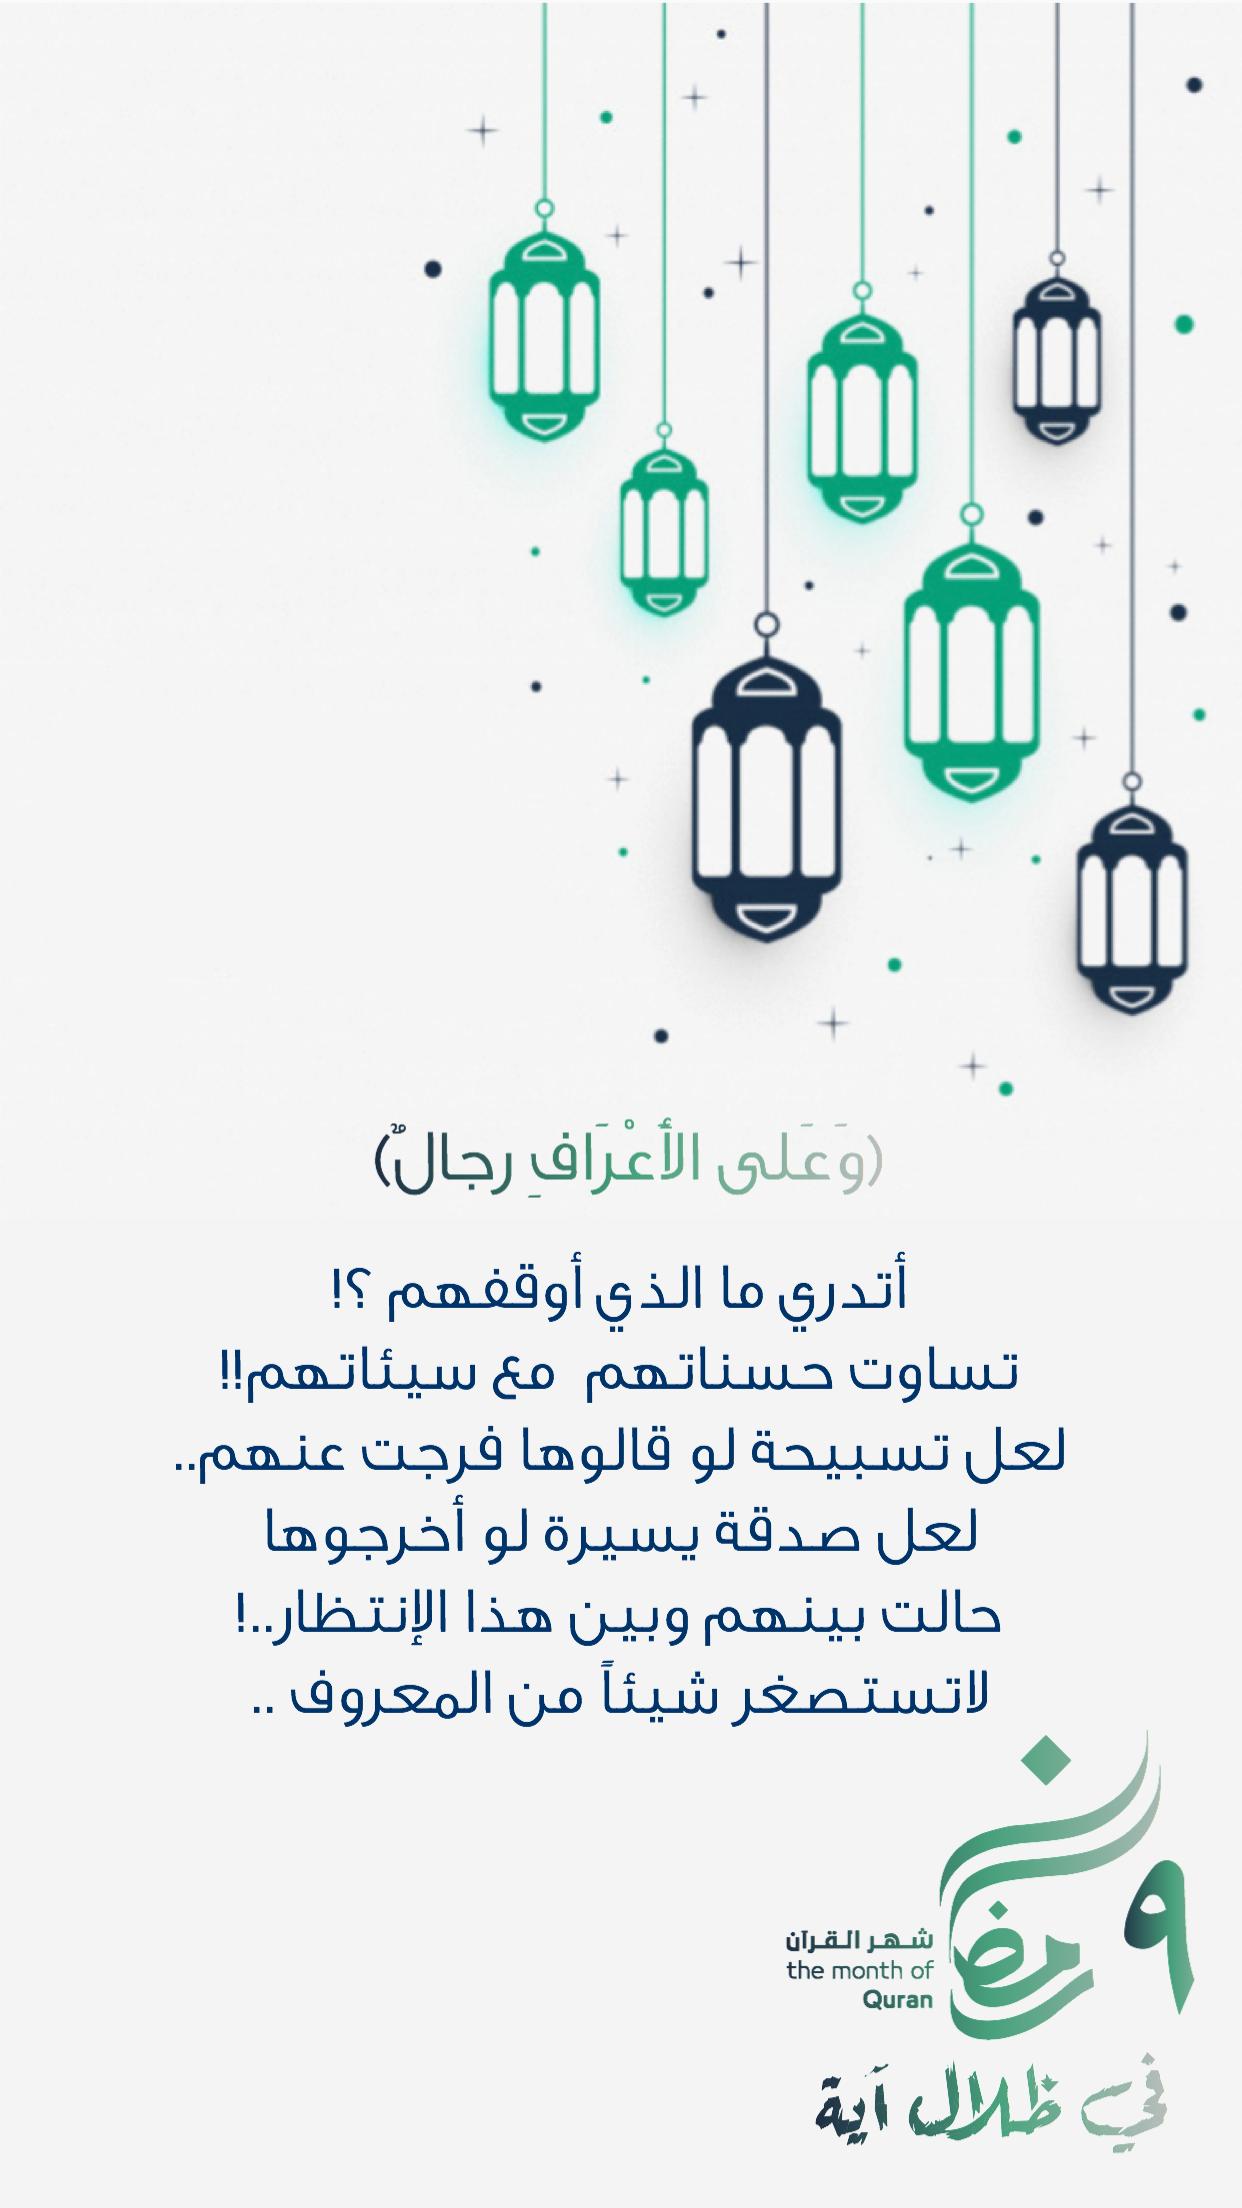 في ظلال آية رمضان شهر القرآن Math Lins Quran